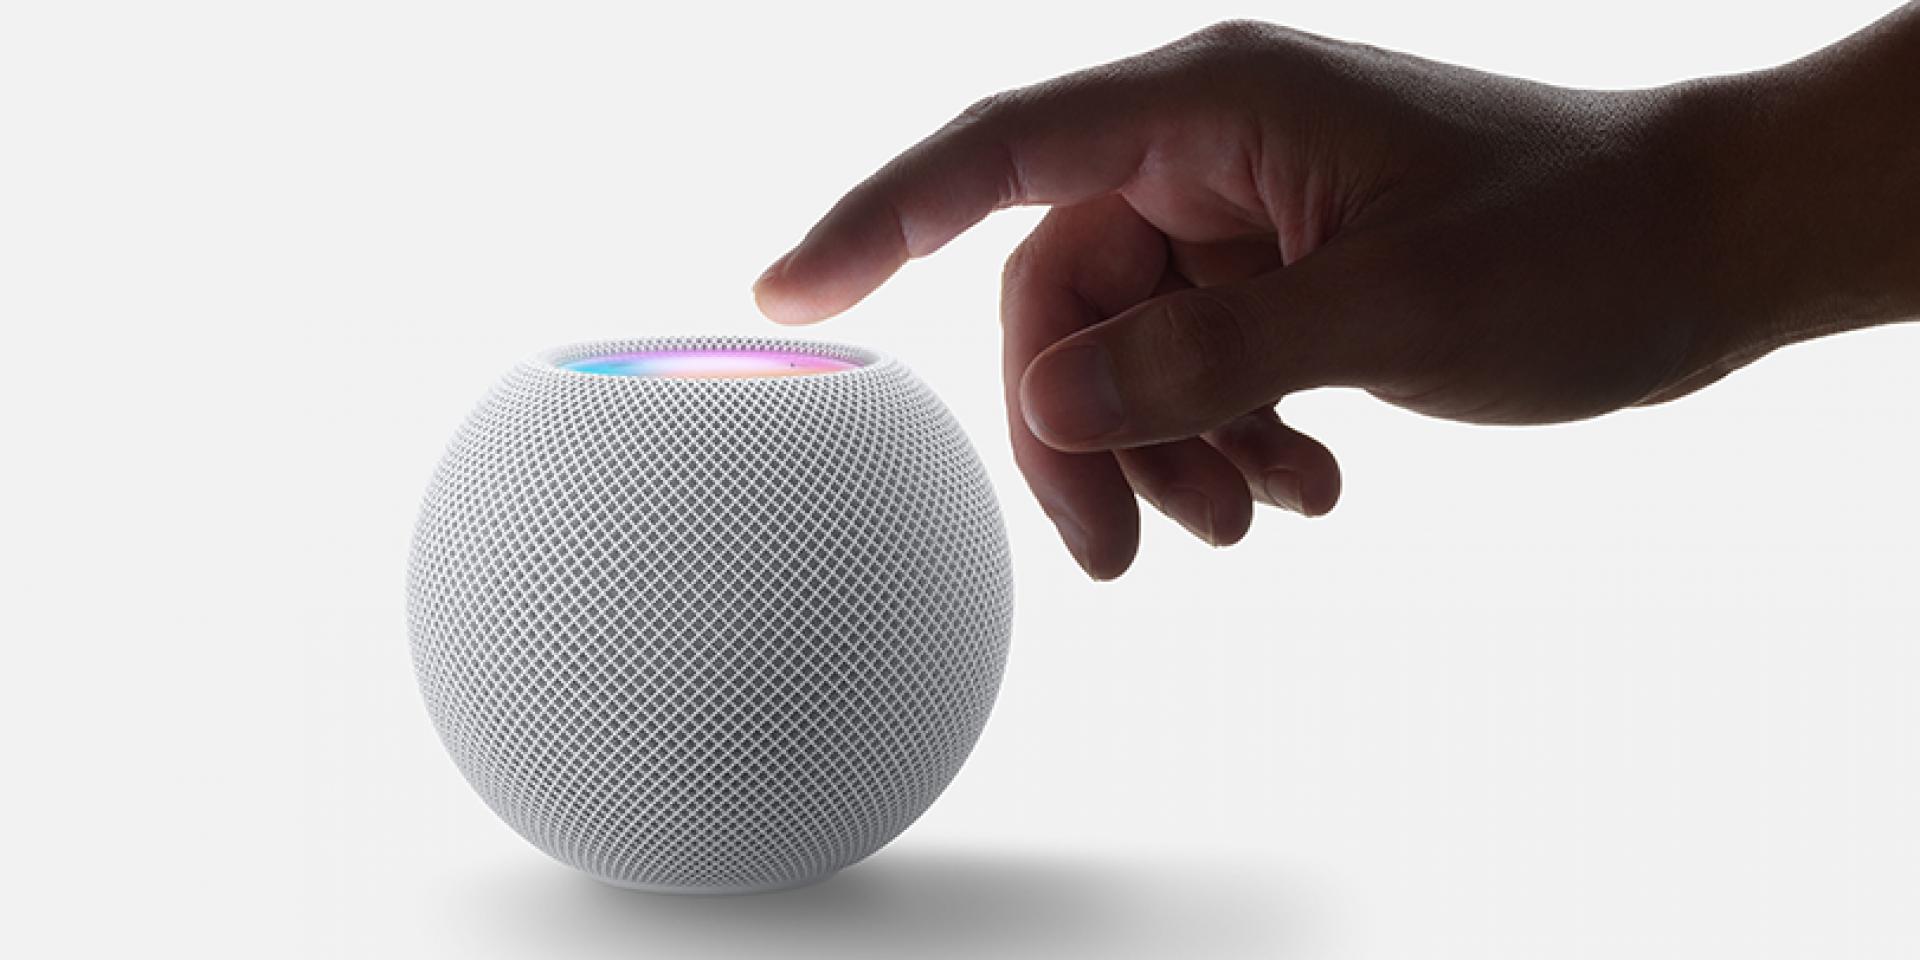 HomePod mini 定價99美金,與Google Nest Audio捉對廝殺!